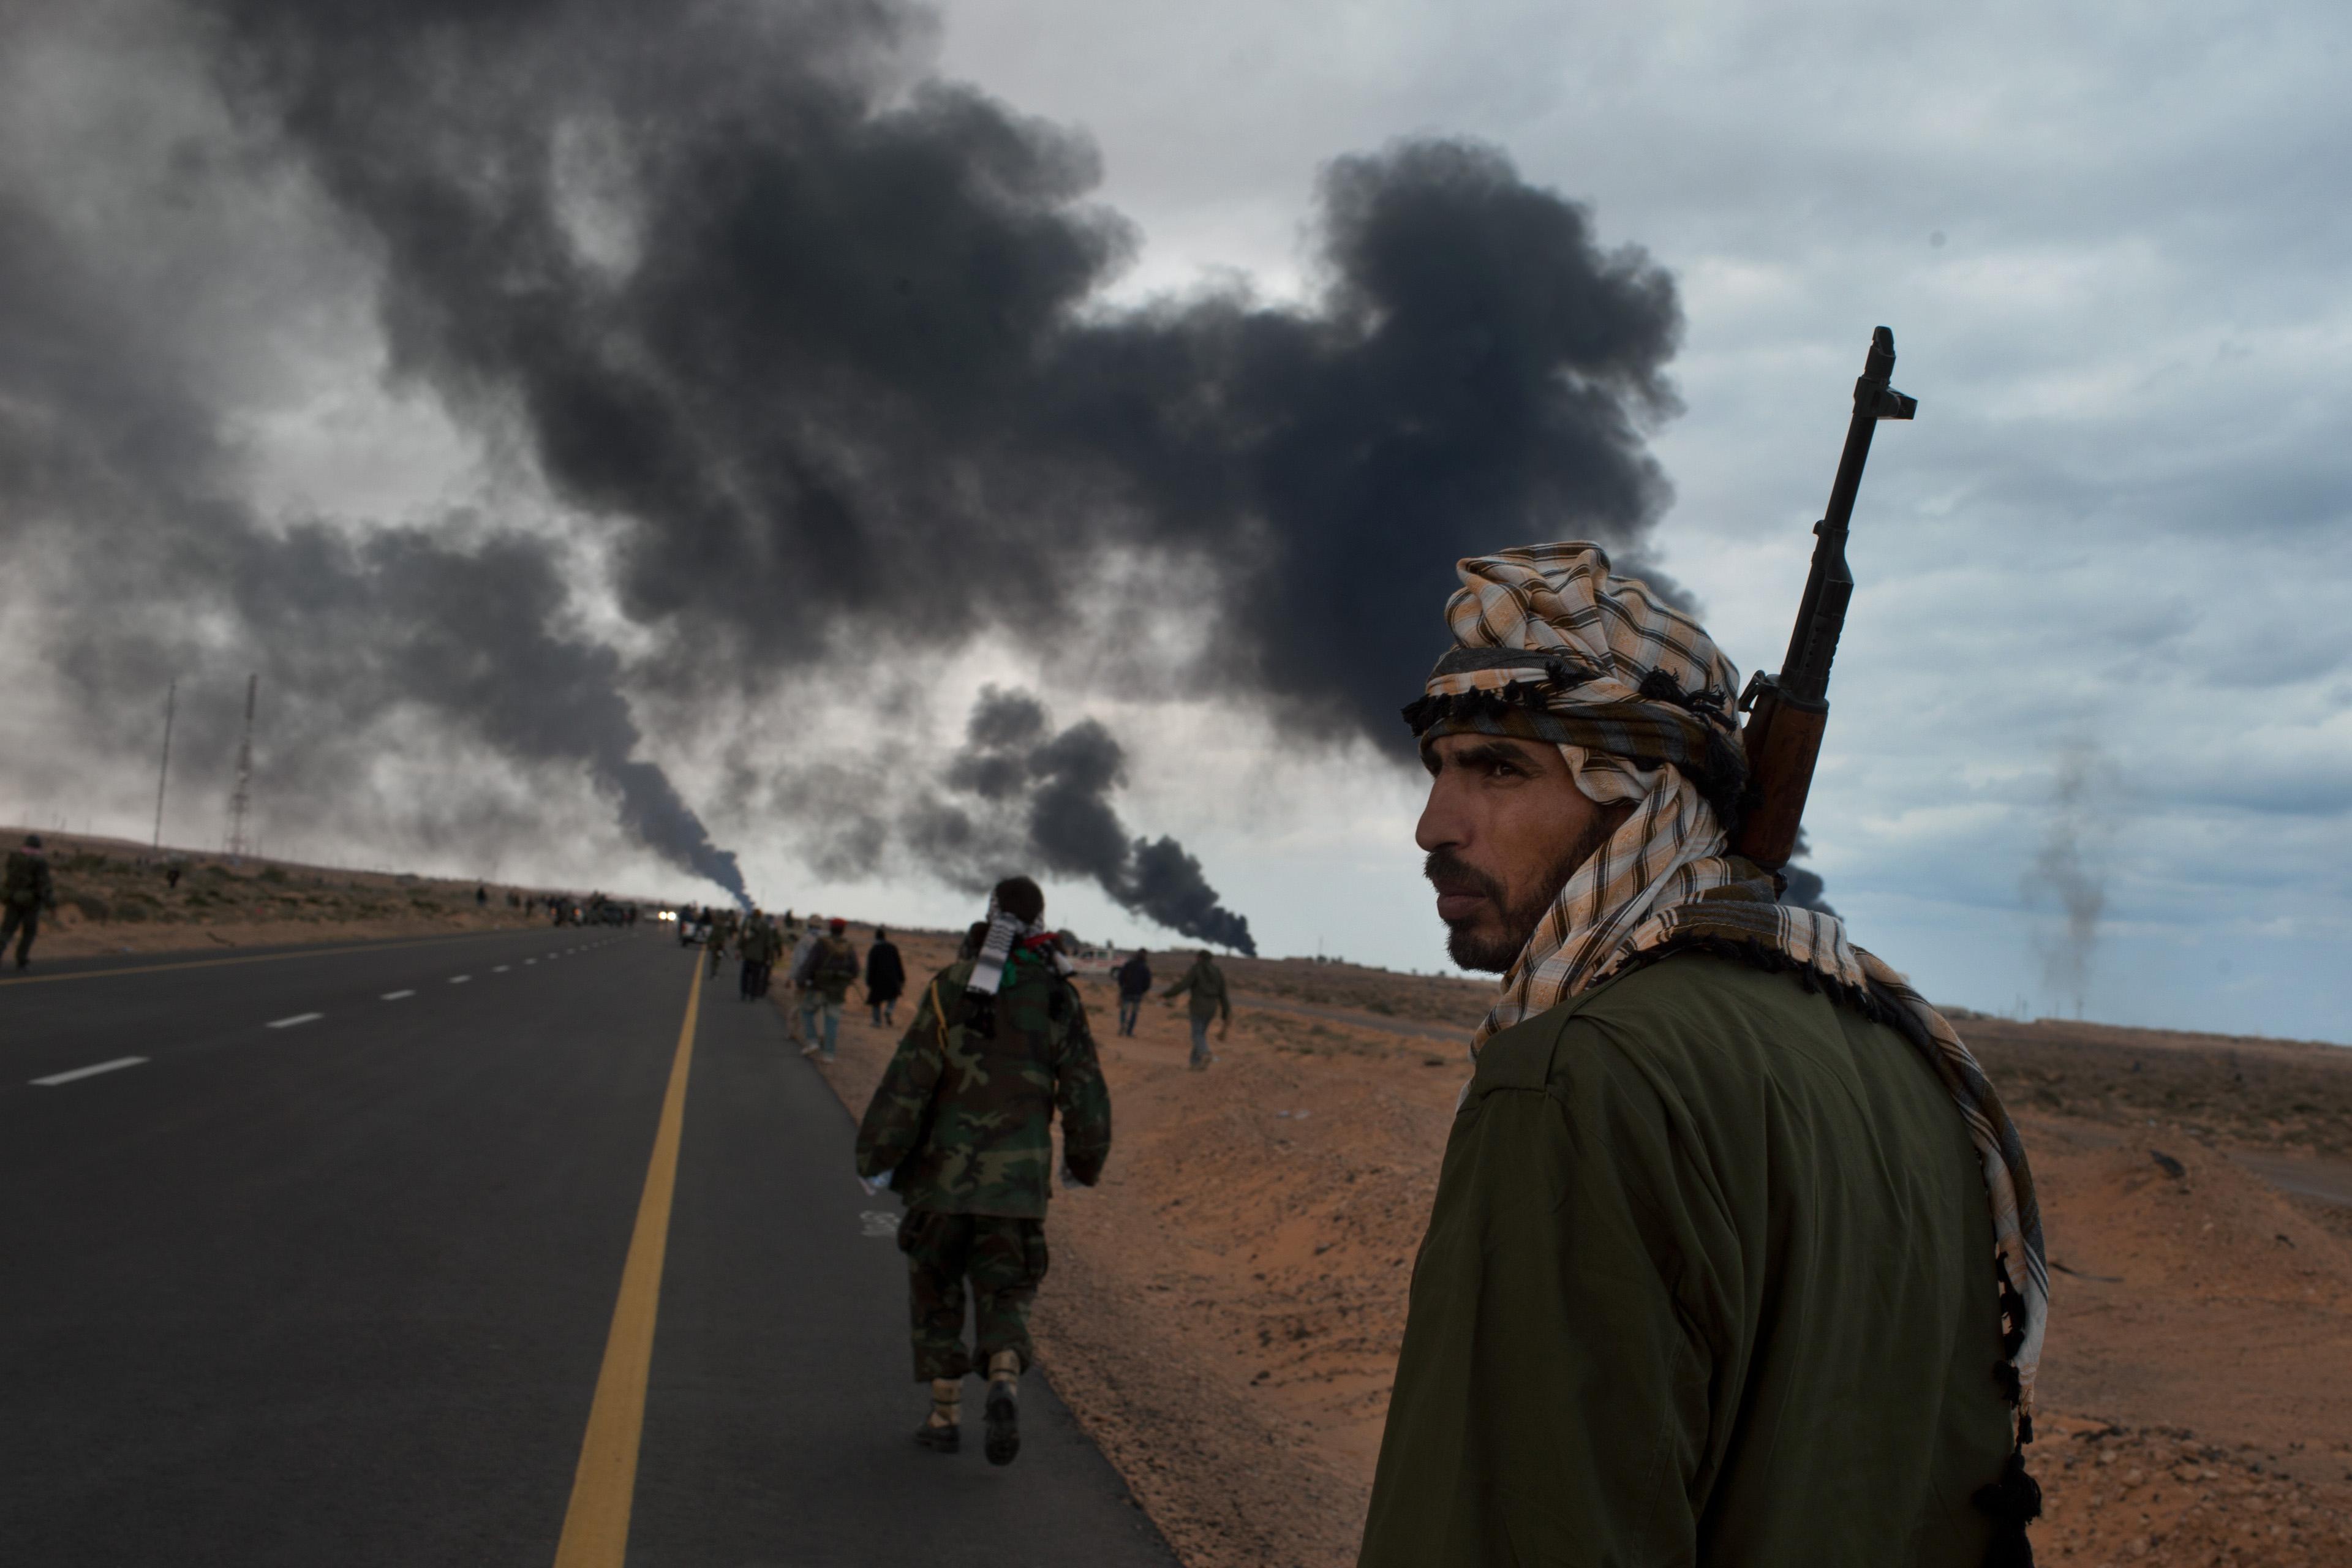 عواصف قوية تنتظر الملف الليبي